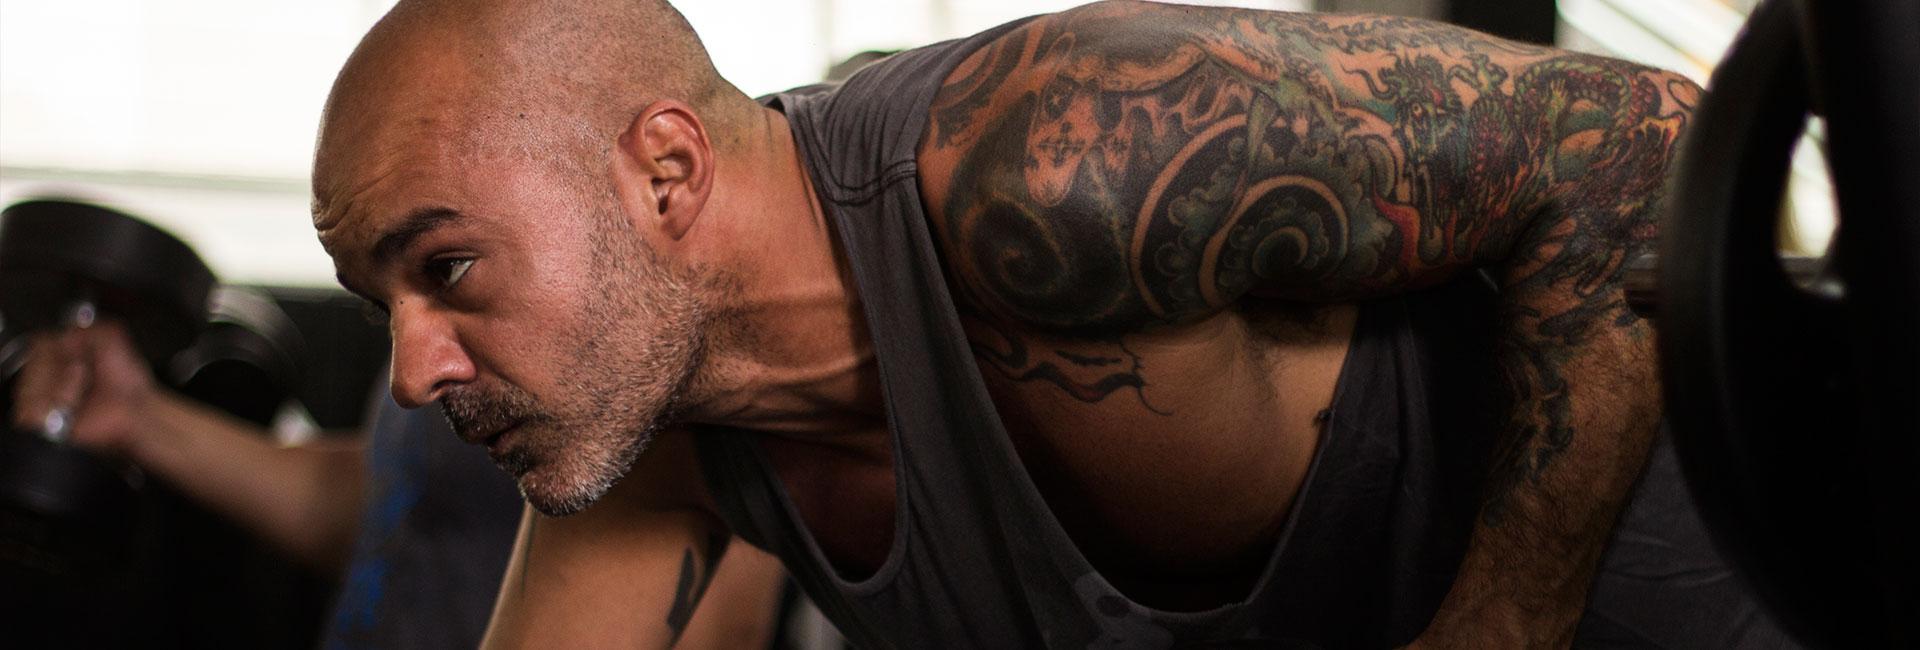 Musculação Capa